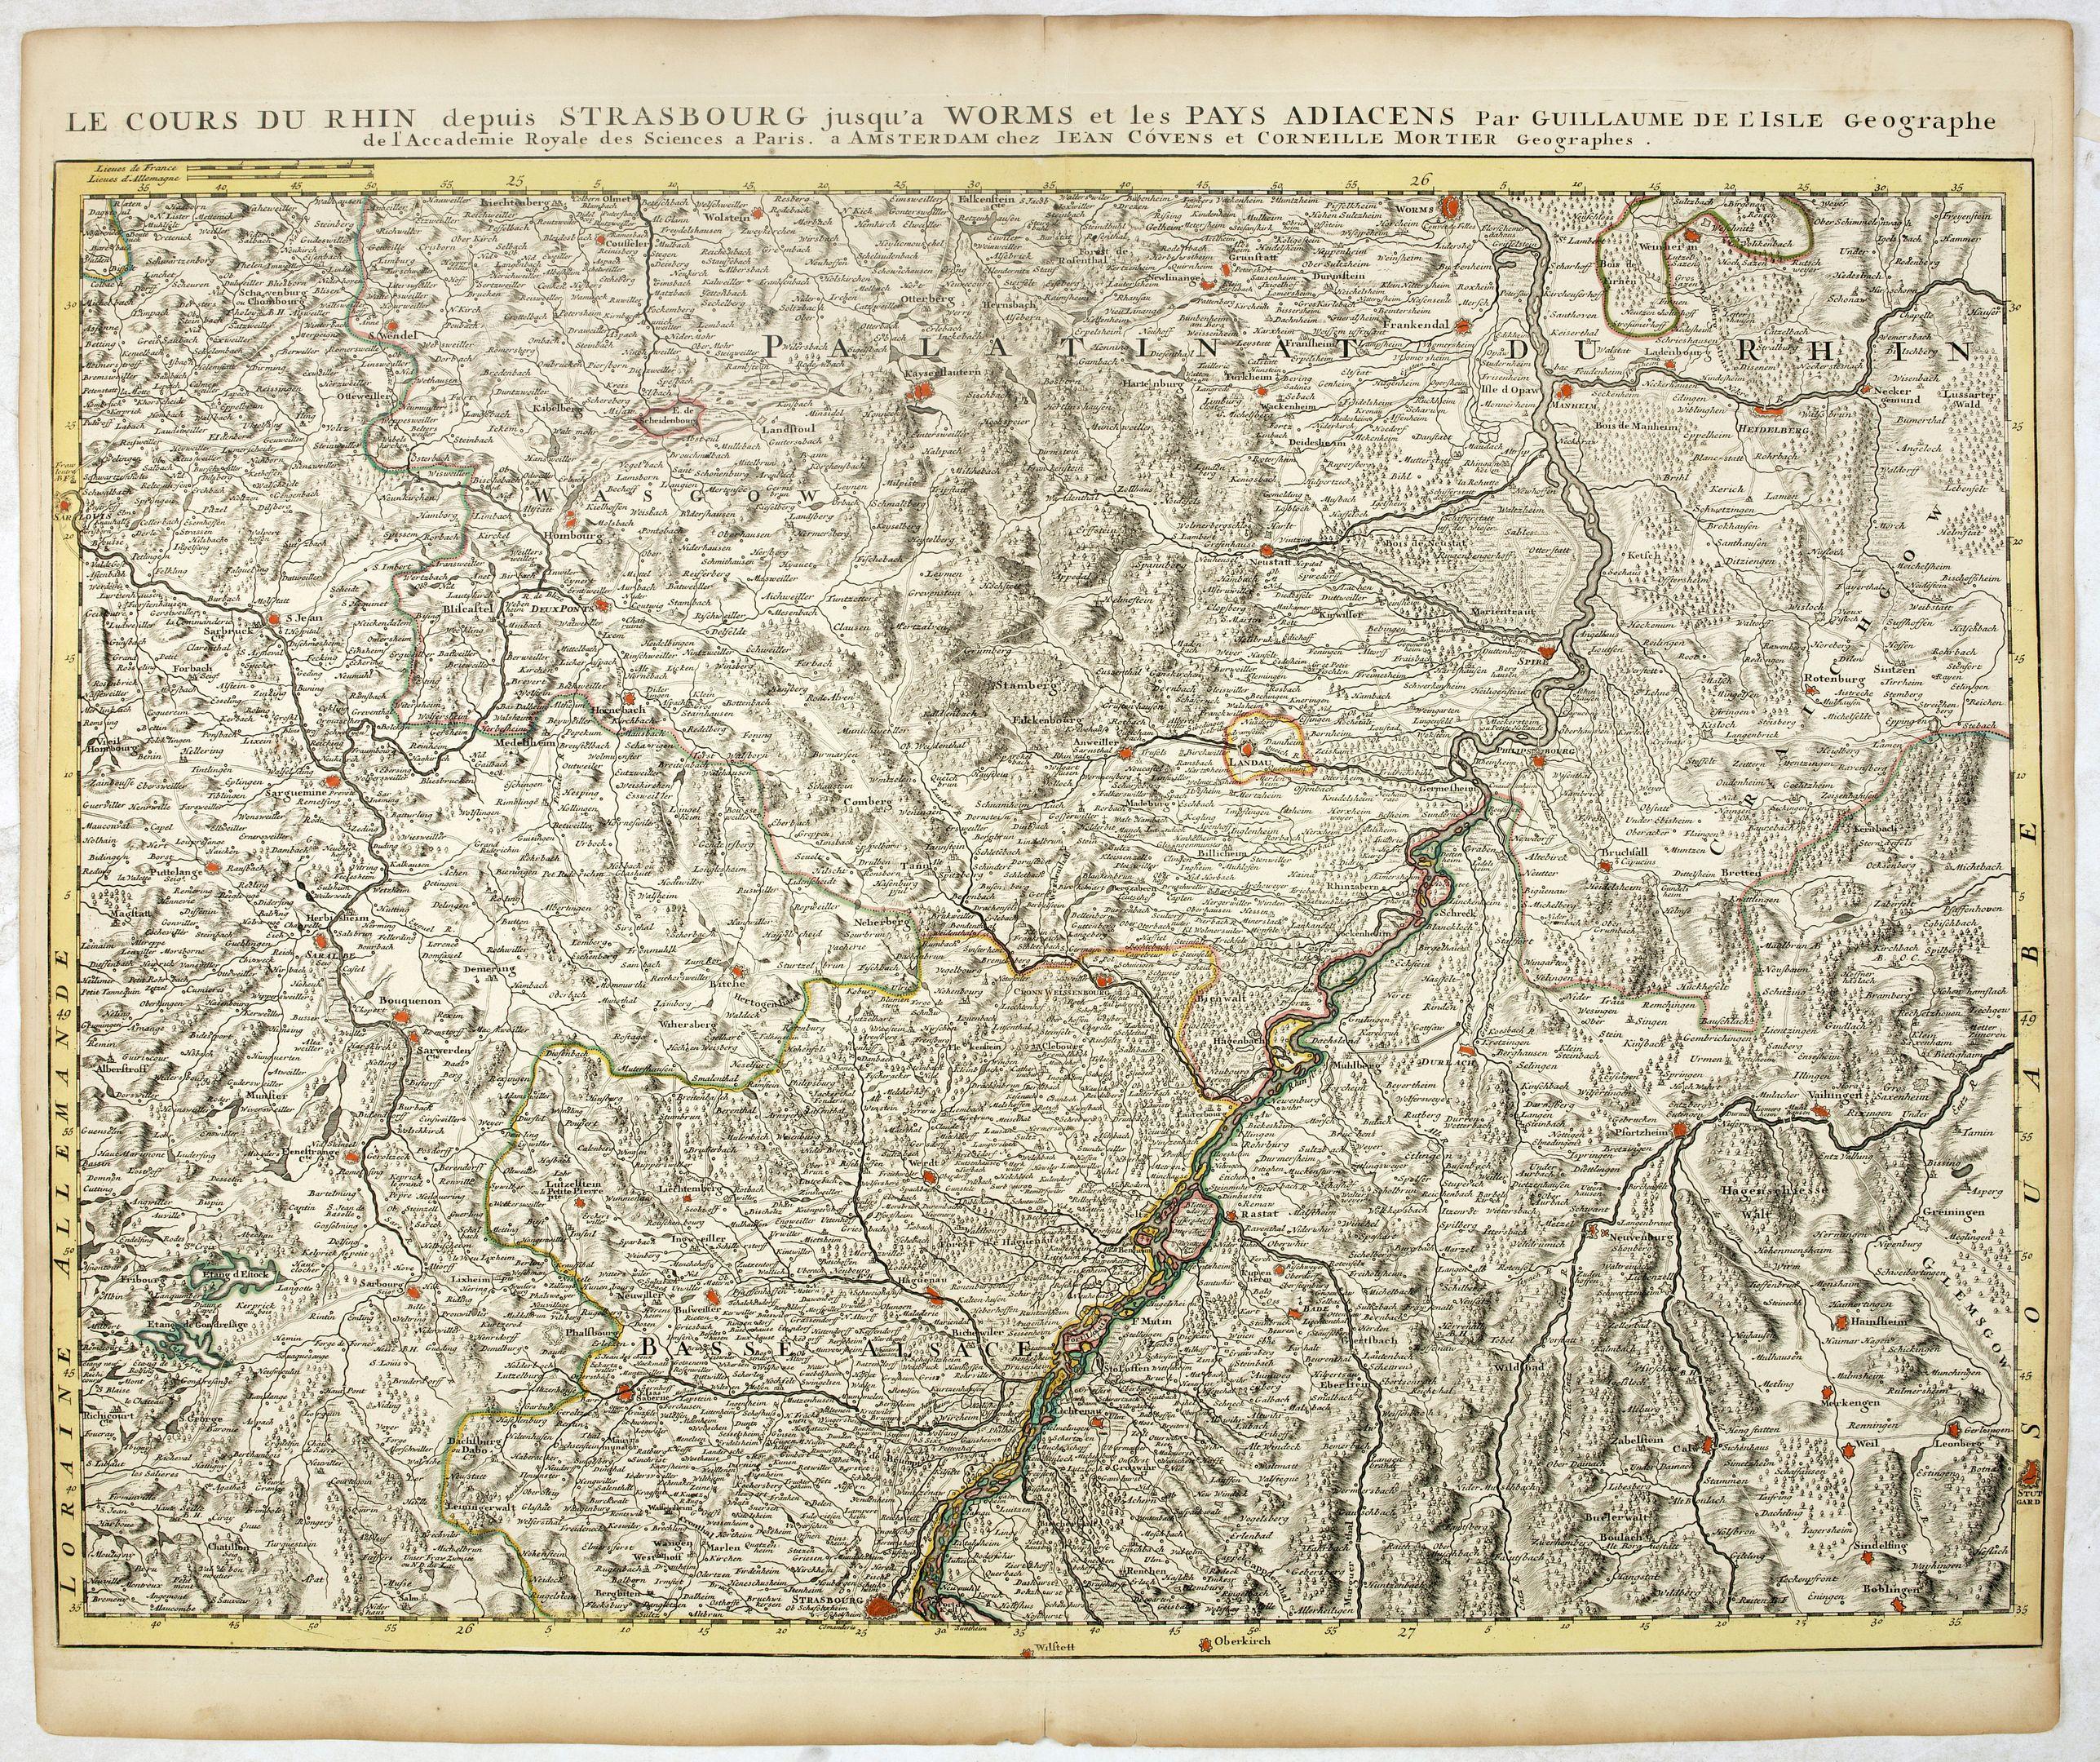 COVENS, J. / MORTIER, C. -  Le Cours du Rhin depuis Strasbourg jusqu'à Worms et les Païs Adjacens.